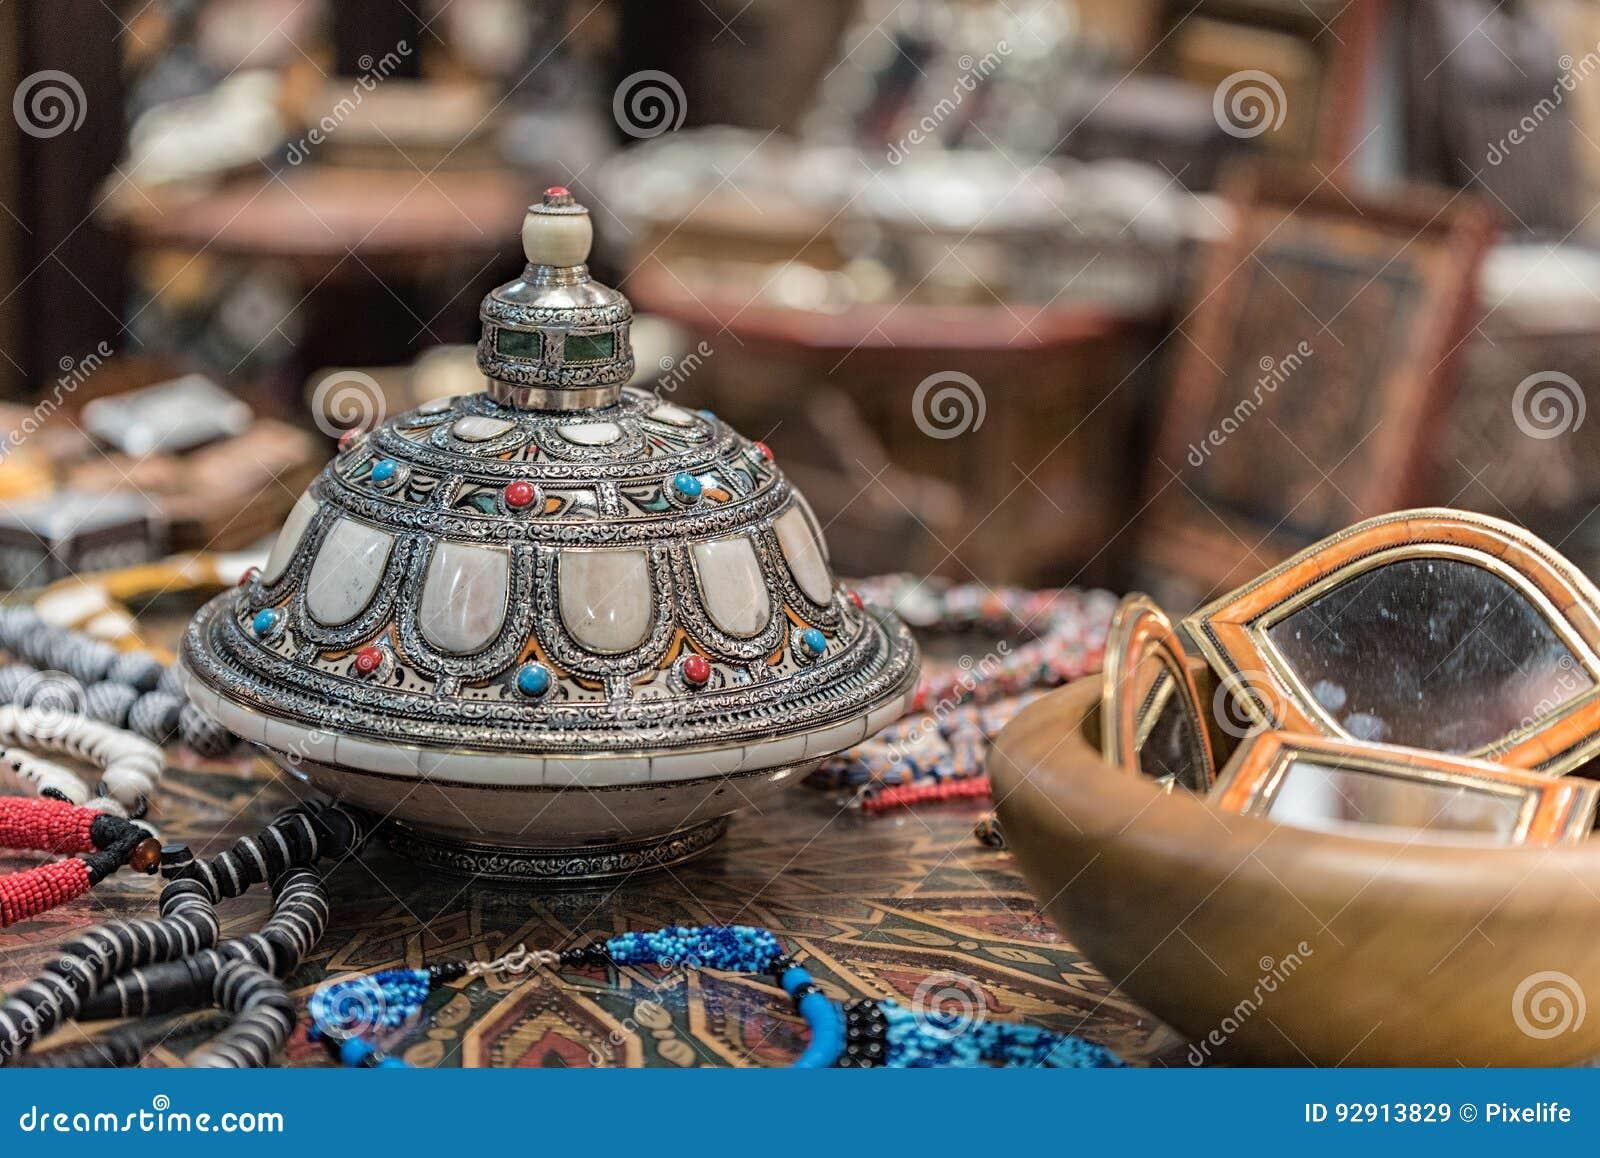 Oggetti Tipici Del Marocco.Oggetti Del Marocco Immagine Stock Immagine Di Umano 92913829